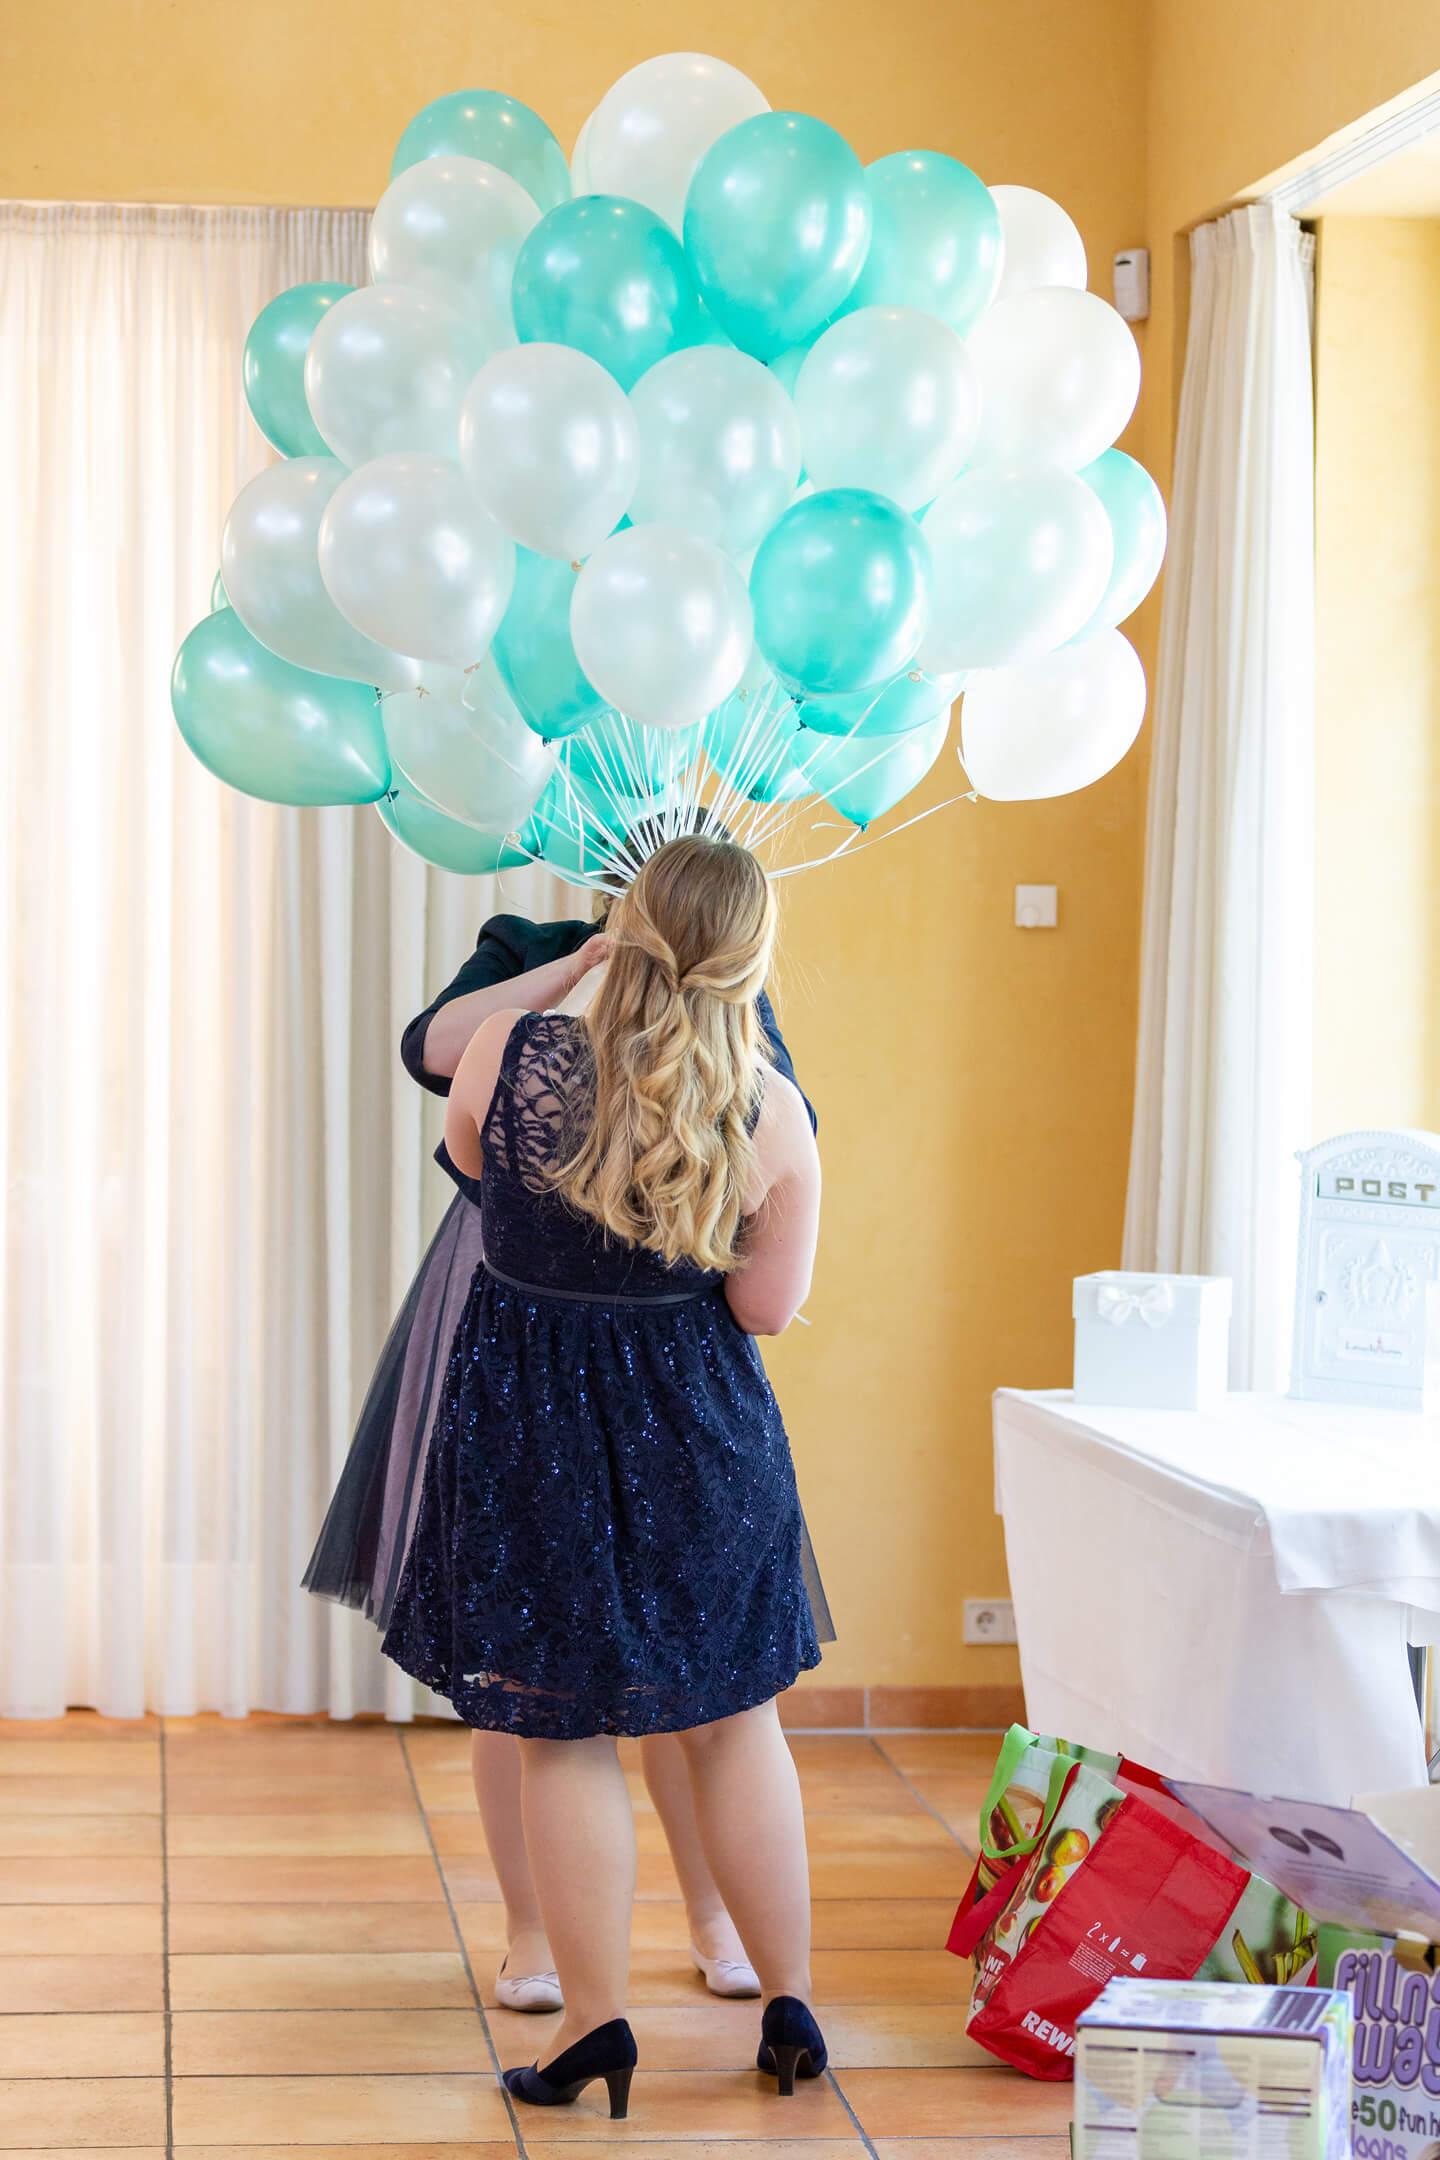 Helfende Hände, die ich während einer Hochzeitsreportage beim Vorbereiten von Ballons fotografiert habe